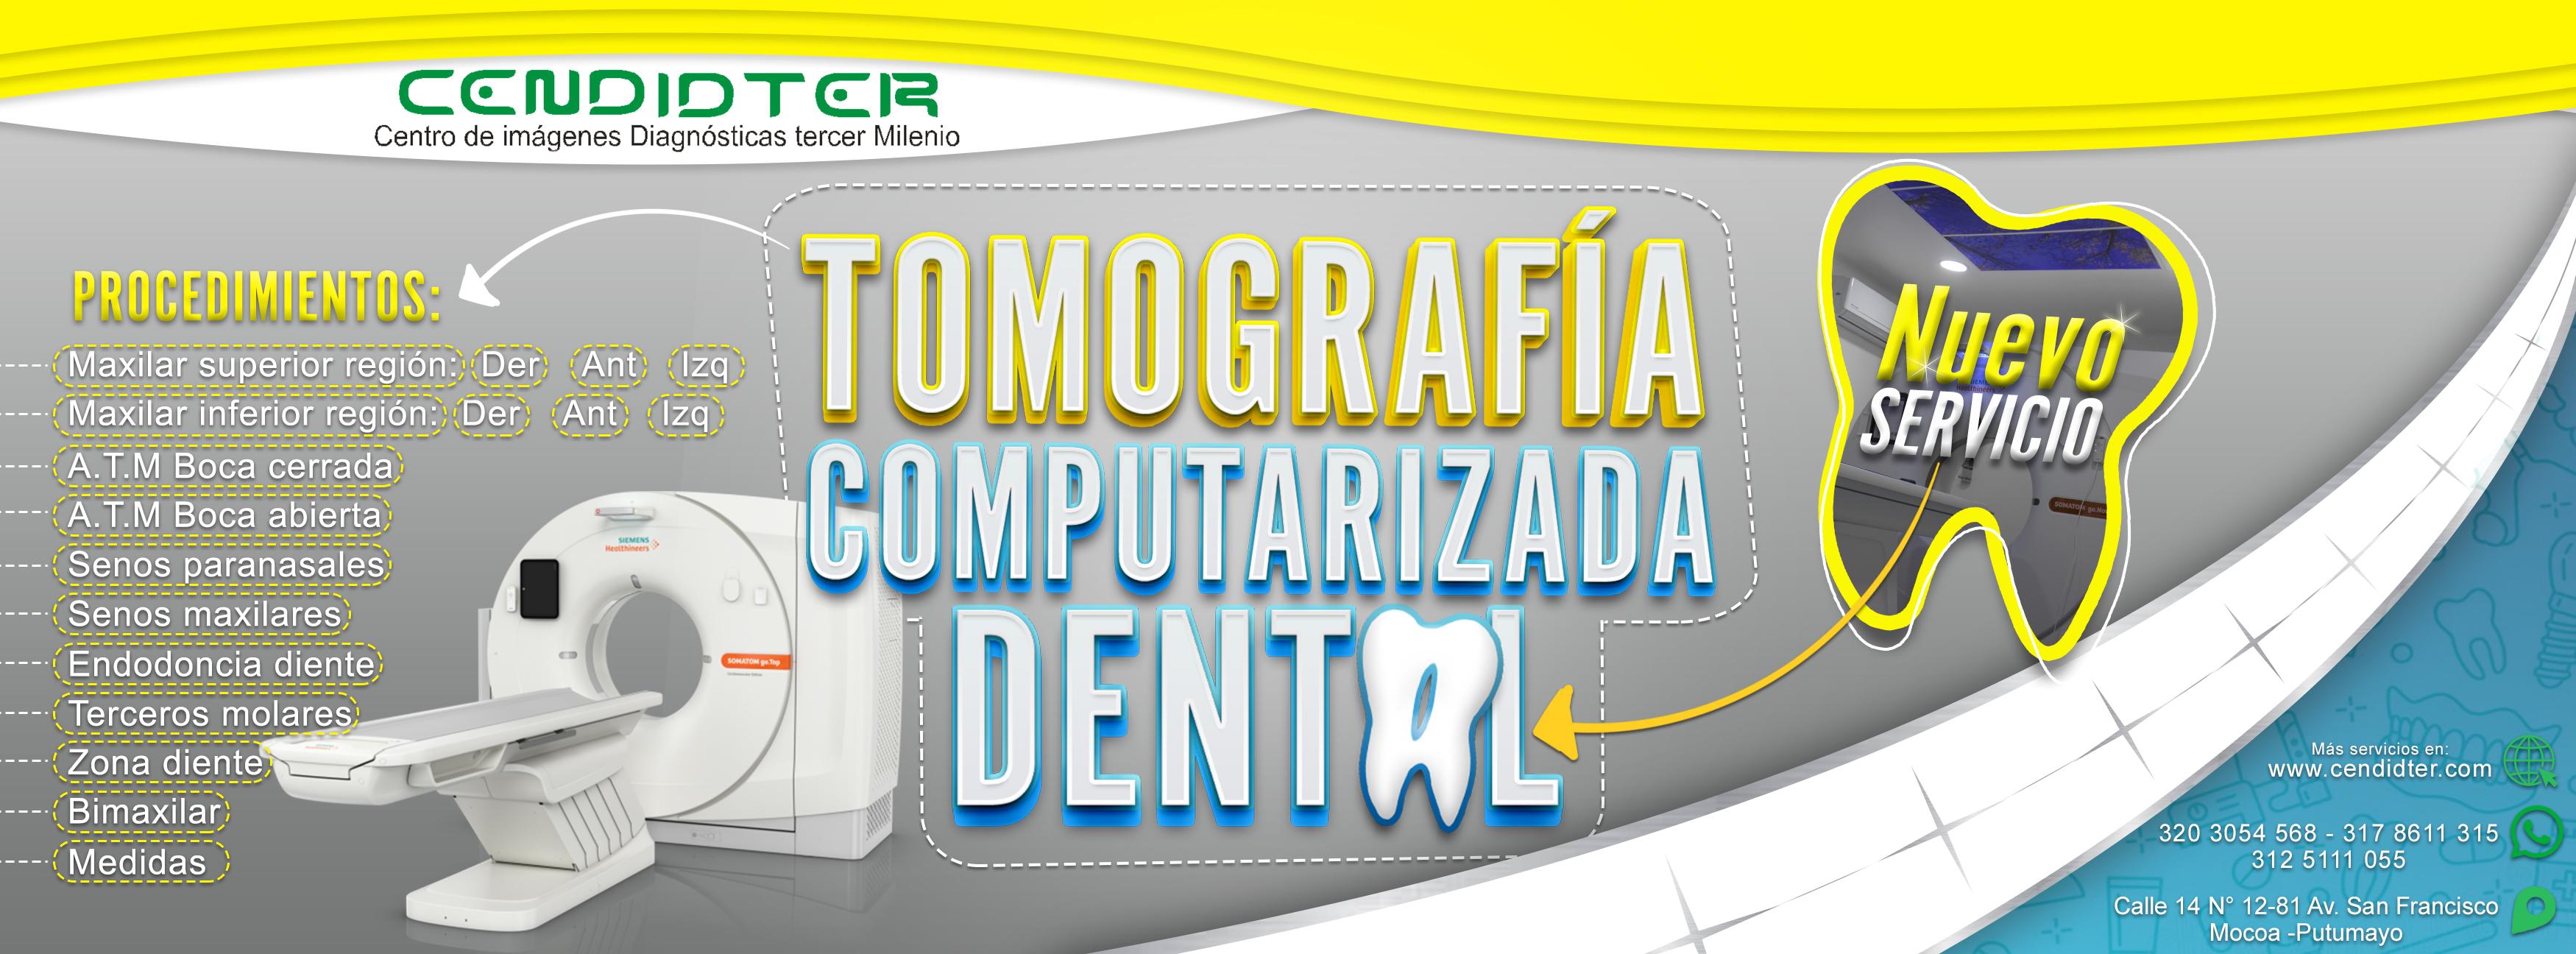 Tomografía computarizada dental